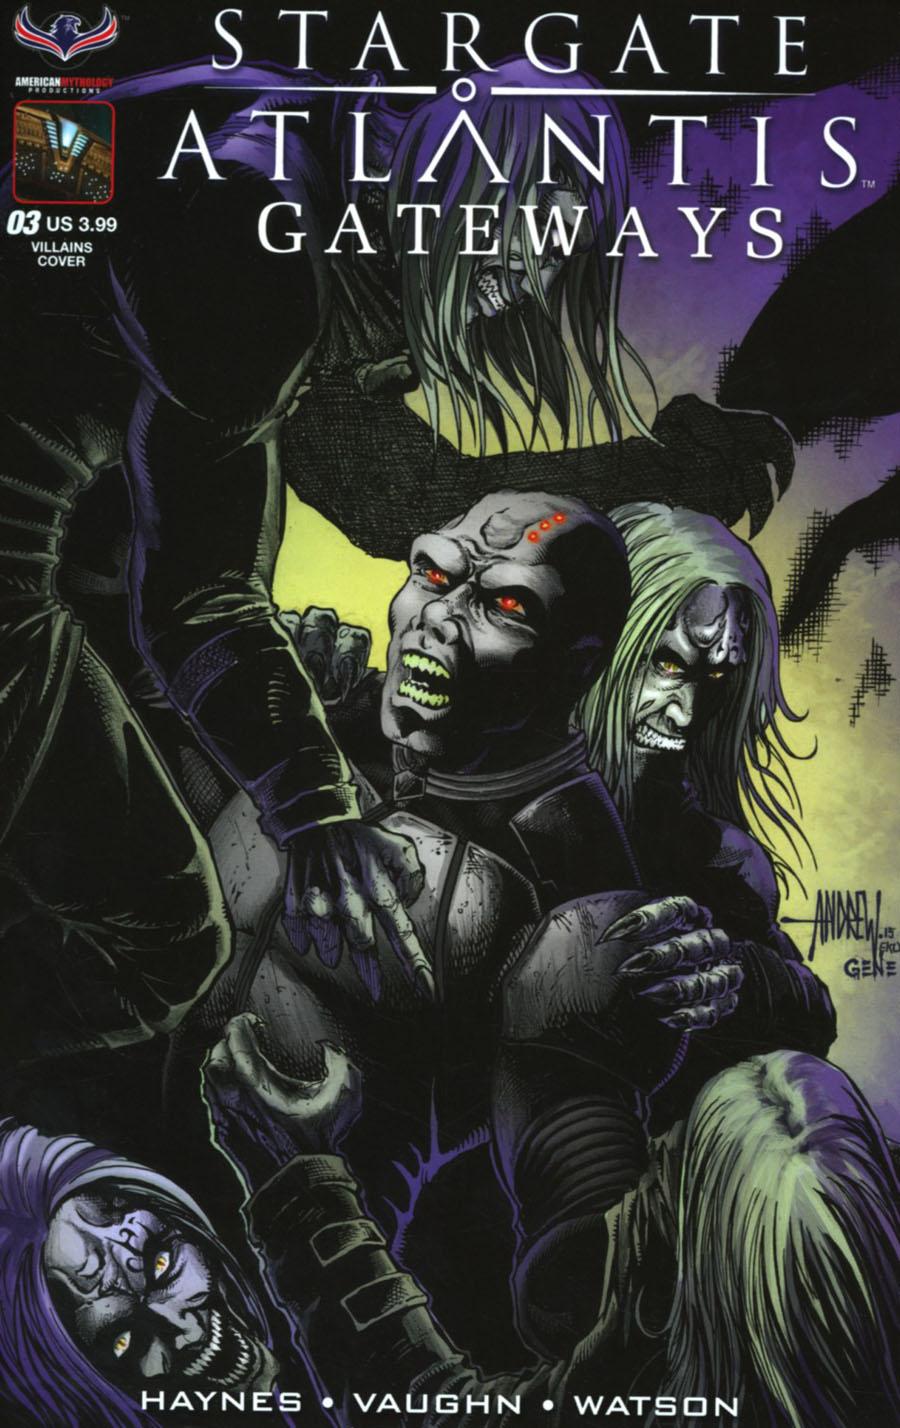 Stargate Atlantis Gateways #3 Cover B Variant Andrew Mangum Villains Subscription Cover